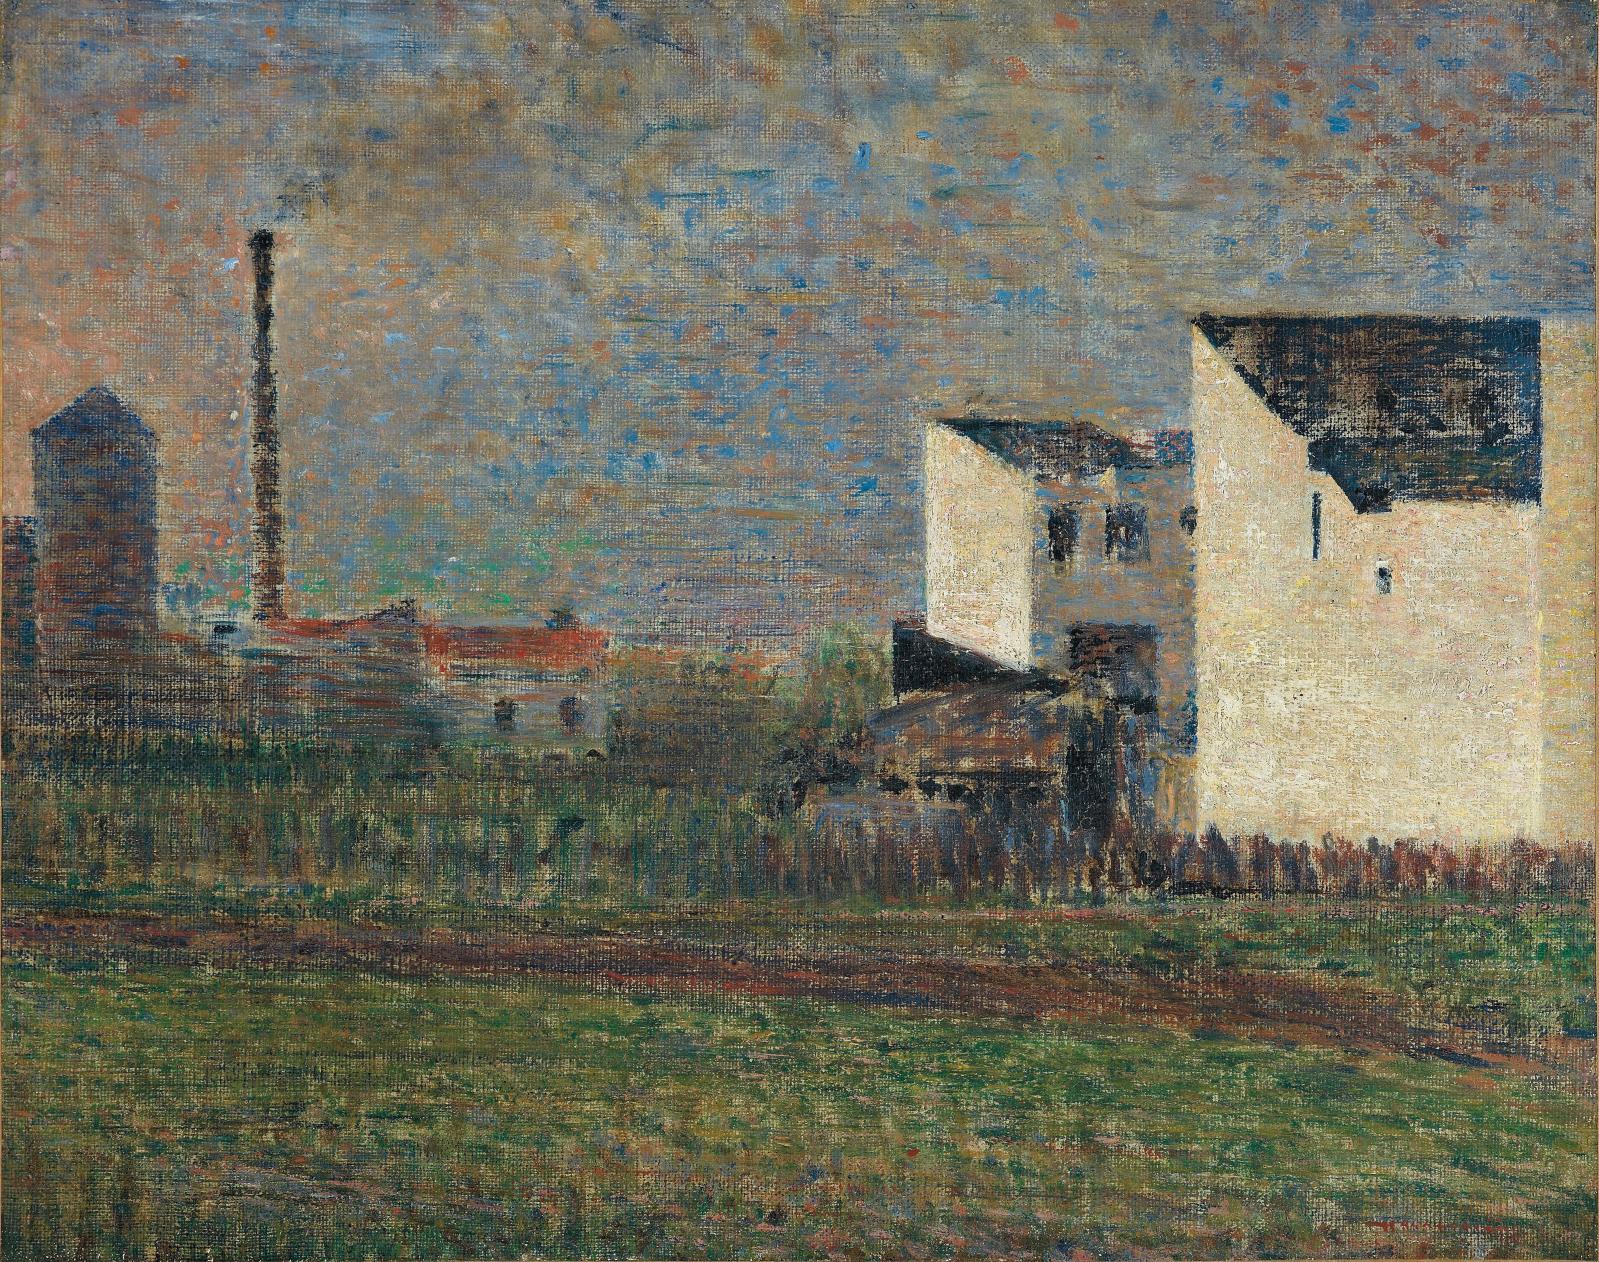 Georges Seurat(1859-1891), La Banlieue, vers 1882, huile sur toile, 32,4x40,5cm, Troyes, musée d'art moderne, collections nationales P